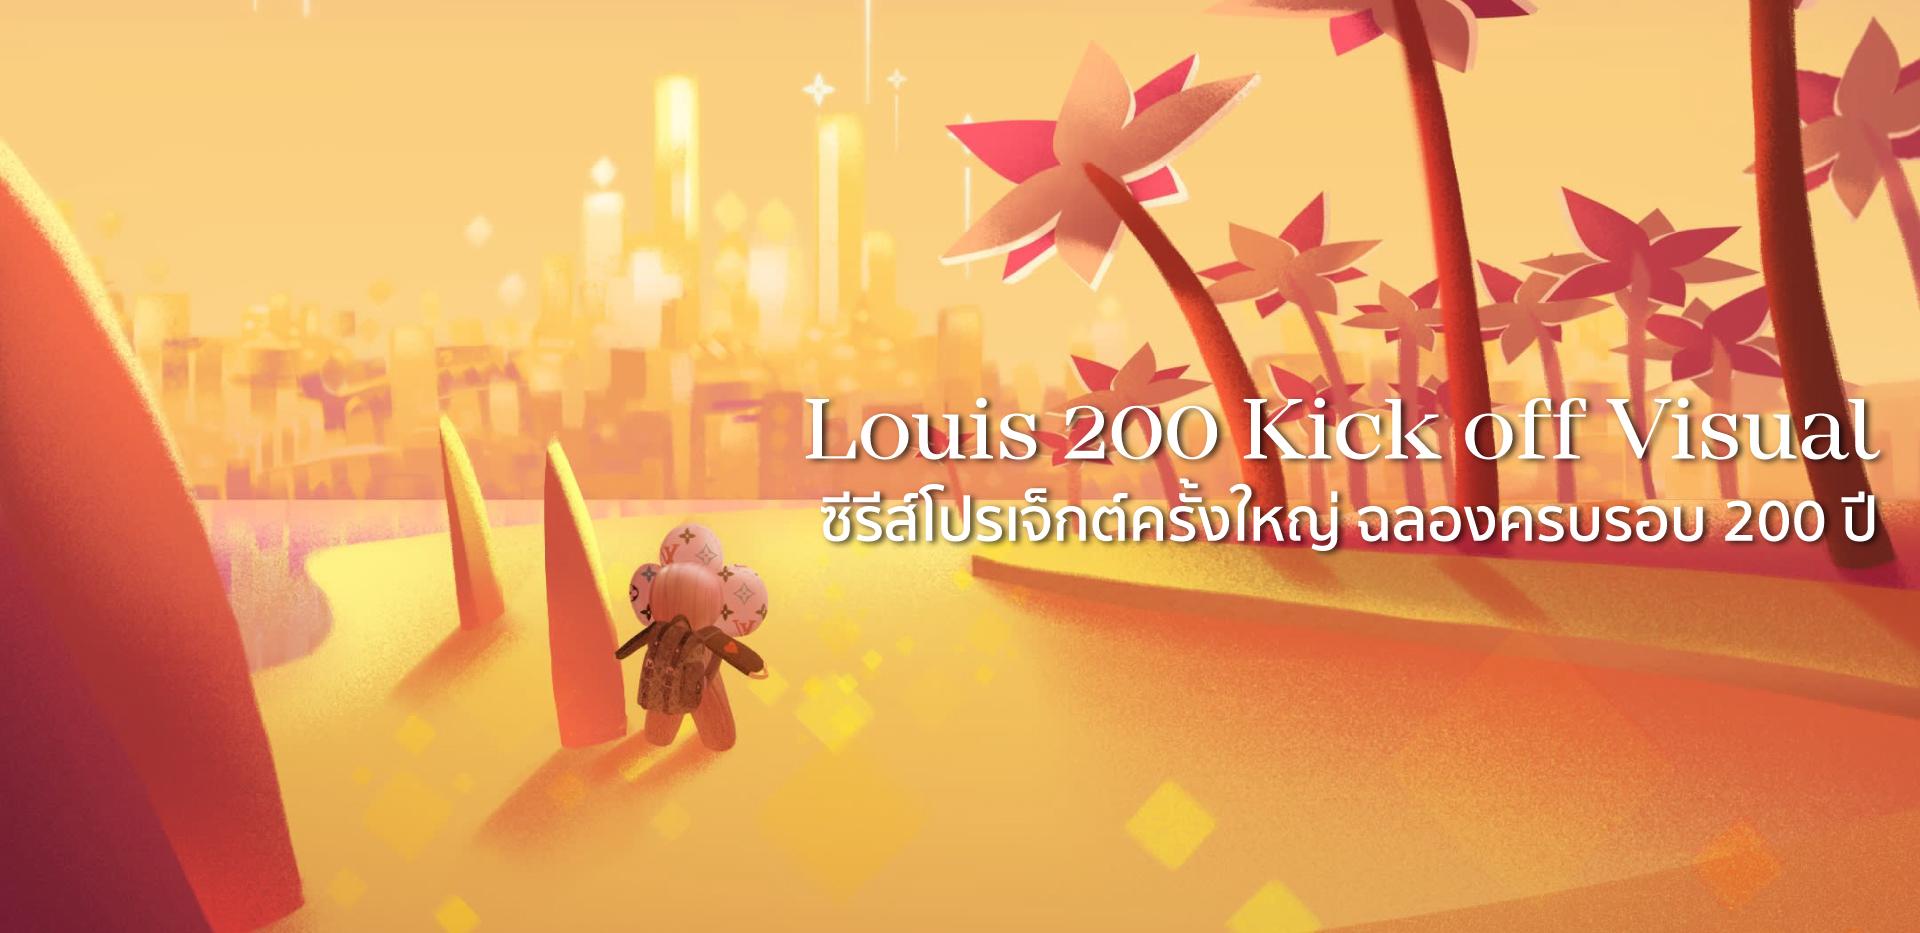 Louis 200 Kick off Visual ซีรีส์โปรเจ็กต์ครั้งใหญ่  ฉลองครบรอบ 200 ปี